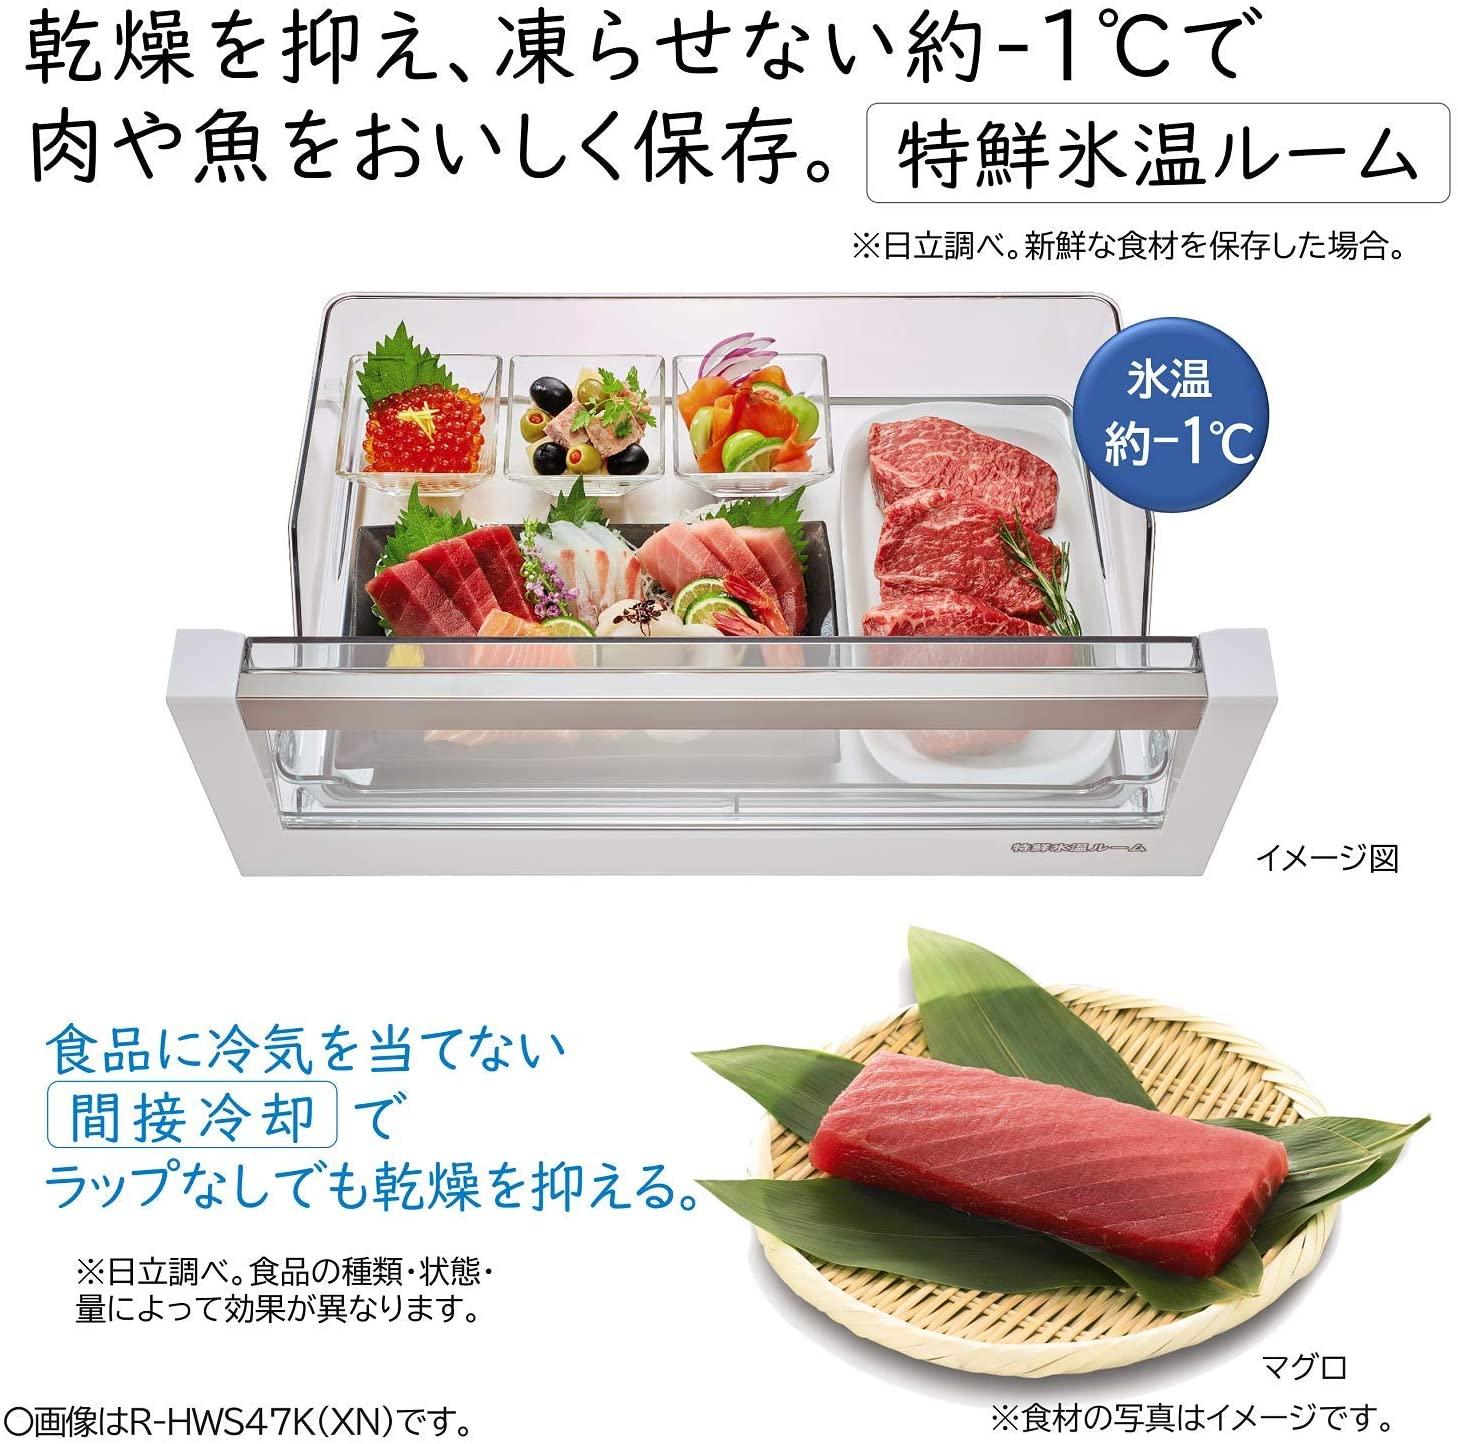 日立(HITACHI) 冷蔵庫 R-HWS47Nの商品画像9